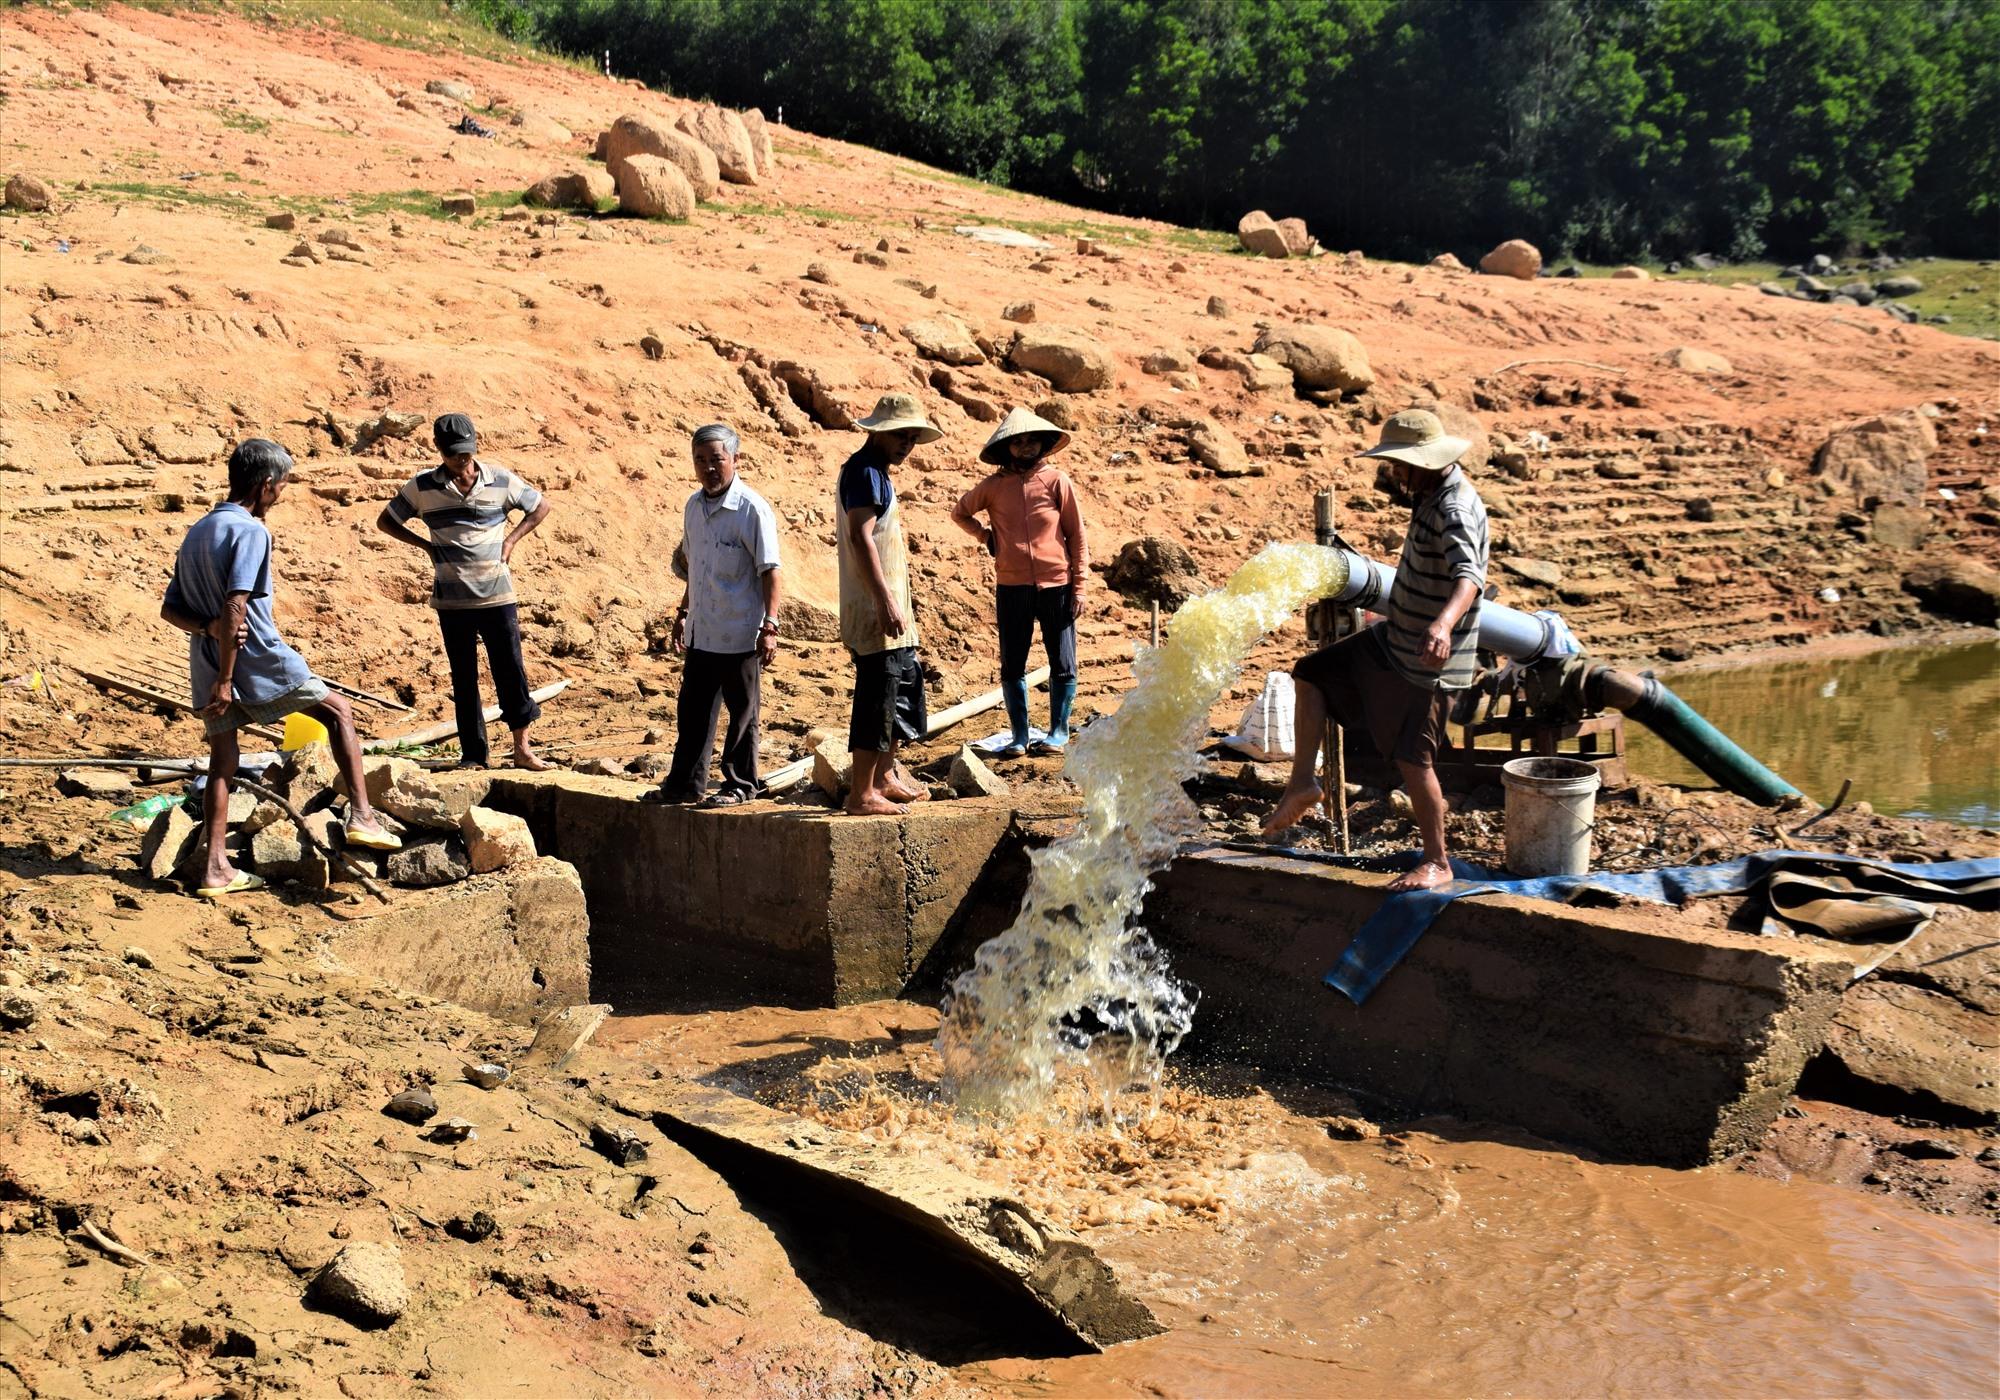 Cán bộ nông nghiệp hút nước còn lại trong hồ thủy lợi Hố Lau để cứu lúa. Ảnh: THANH THẮNG